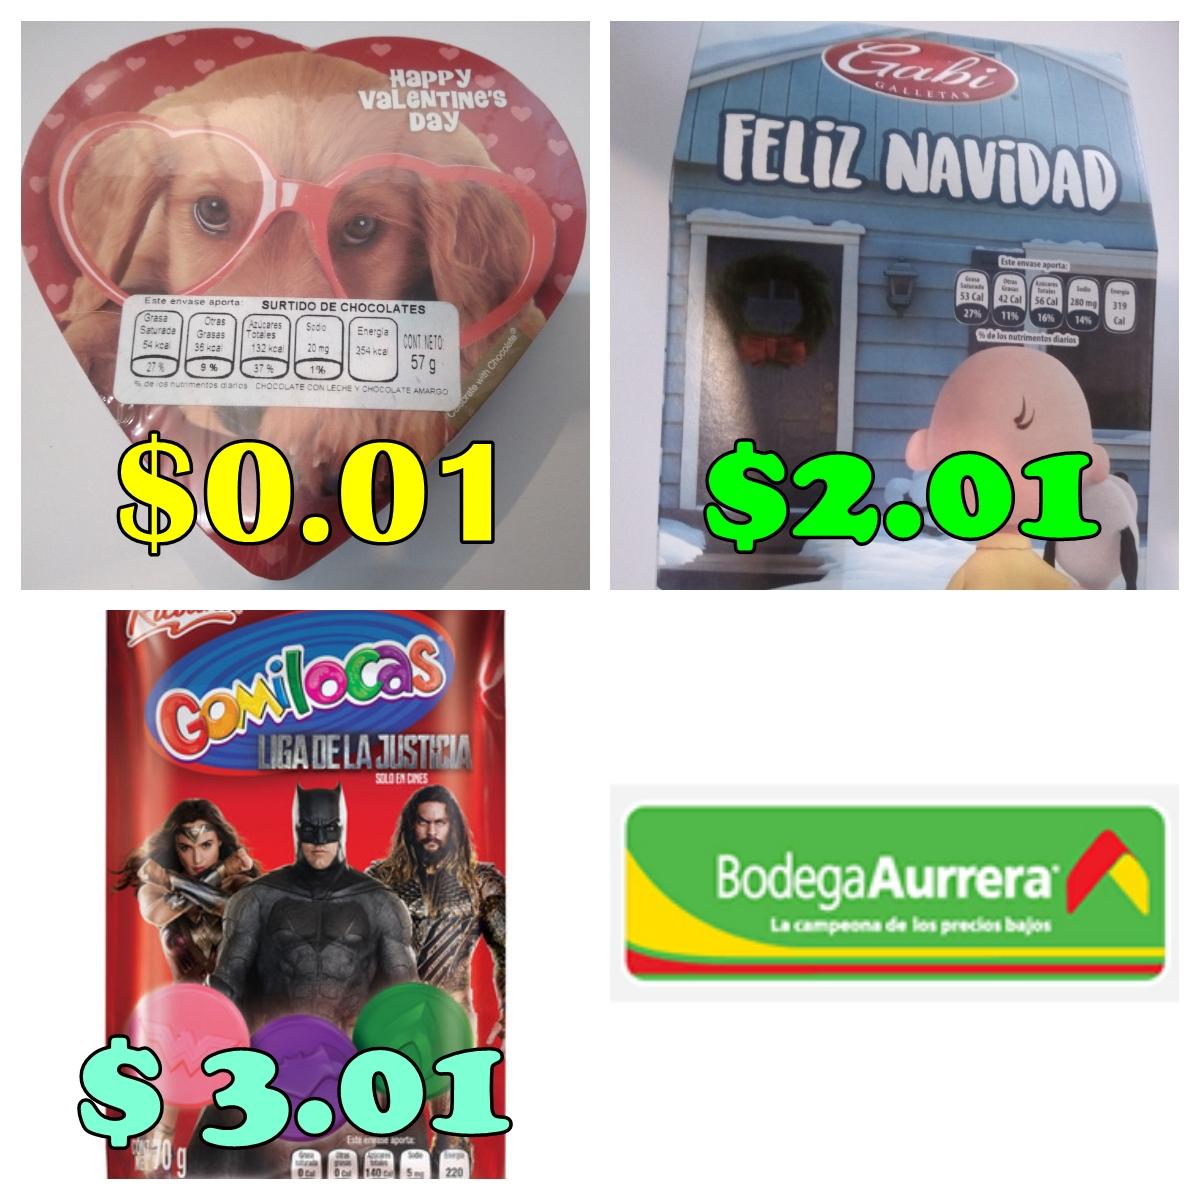 Bodega Aurrerá: Caja de Chocolates $0.01 y más